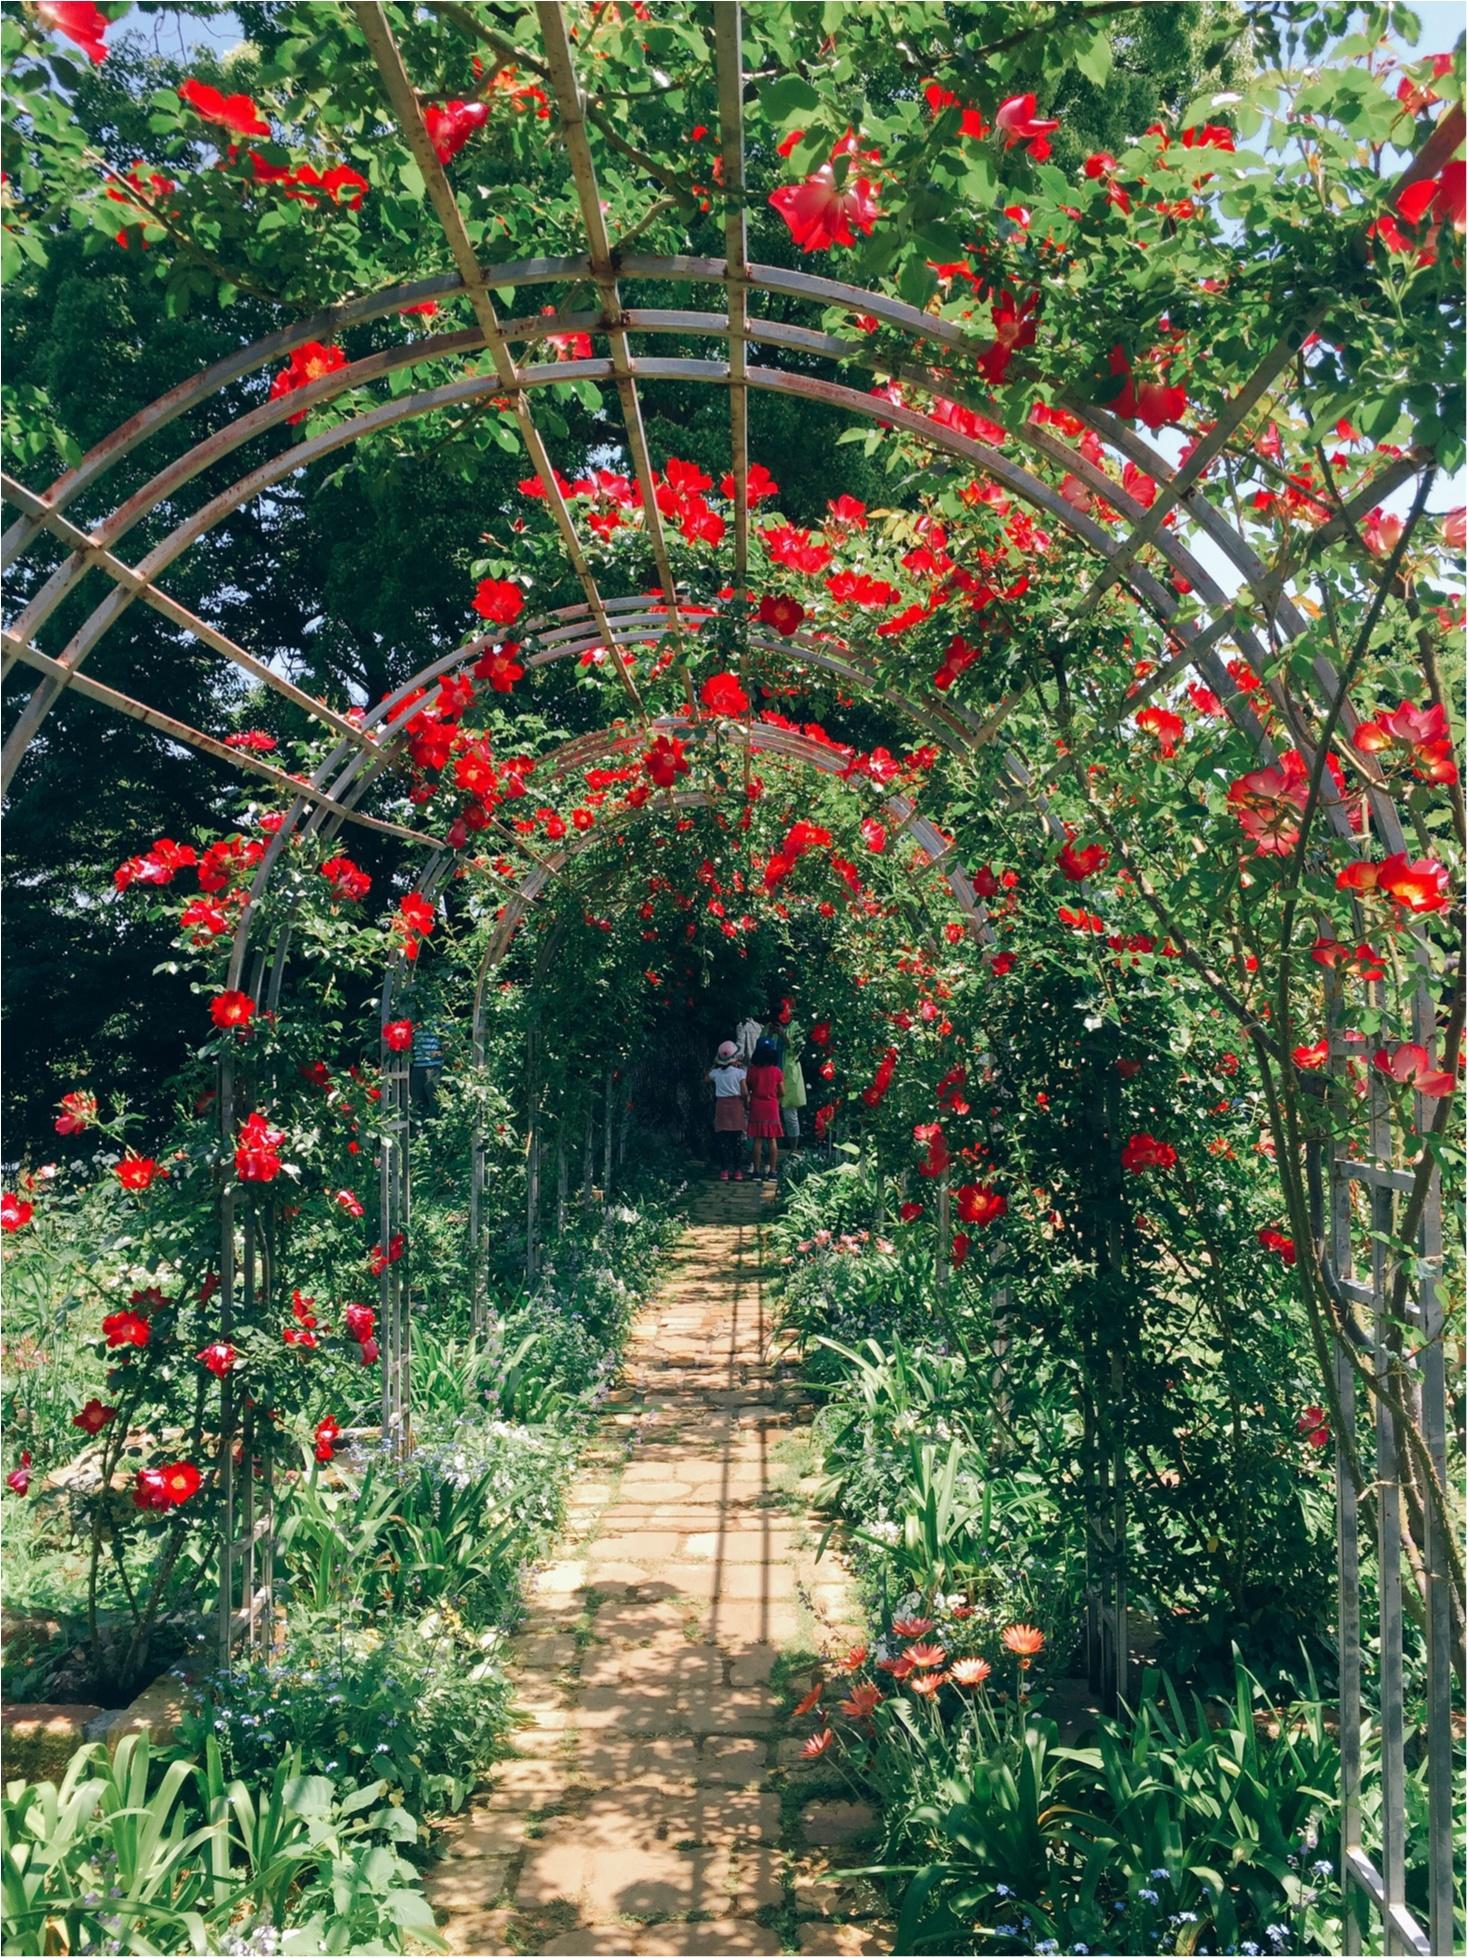 【お出掛けスポットin熱海】今が見頃のローズガーデン!薔薇のトンネルにうっとり…♡_4